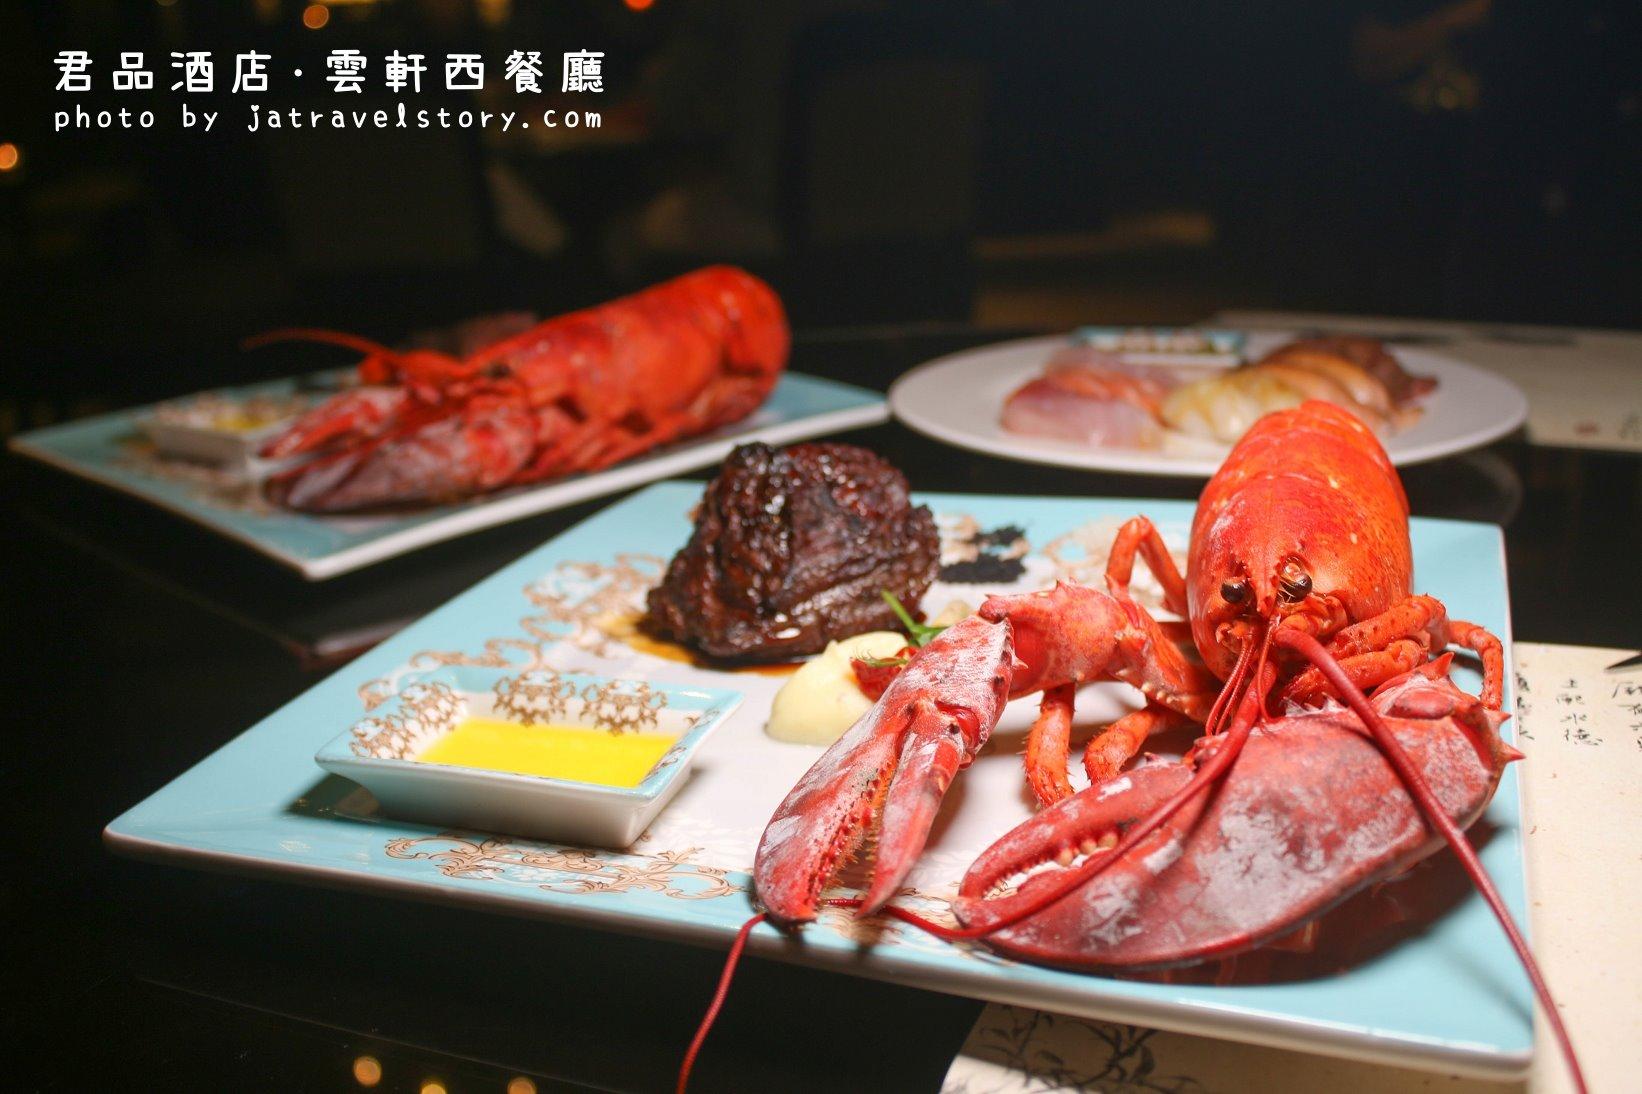 最新推播訊息:龍蝦牛排買1送1,海鮮、生魚片、現做炙燒握壽司吃到飽!